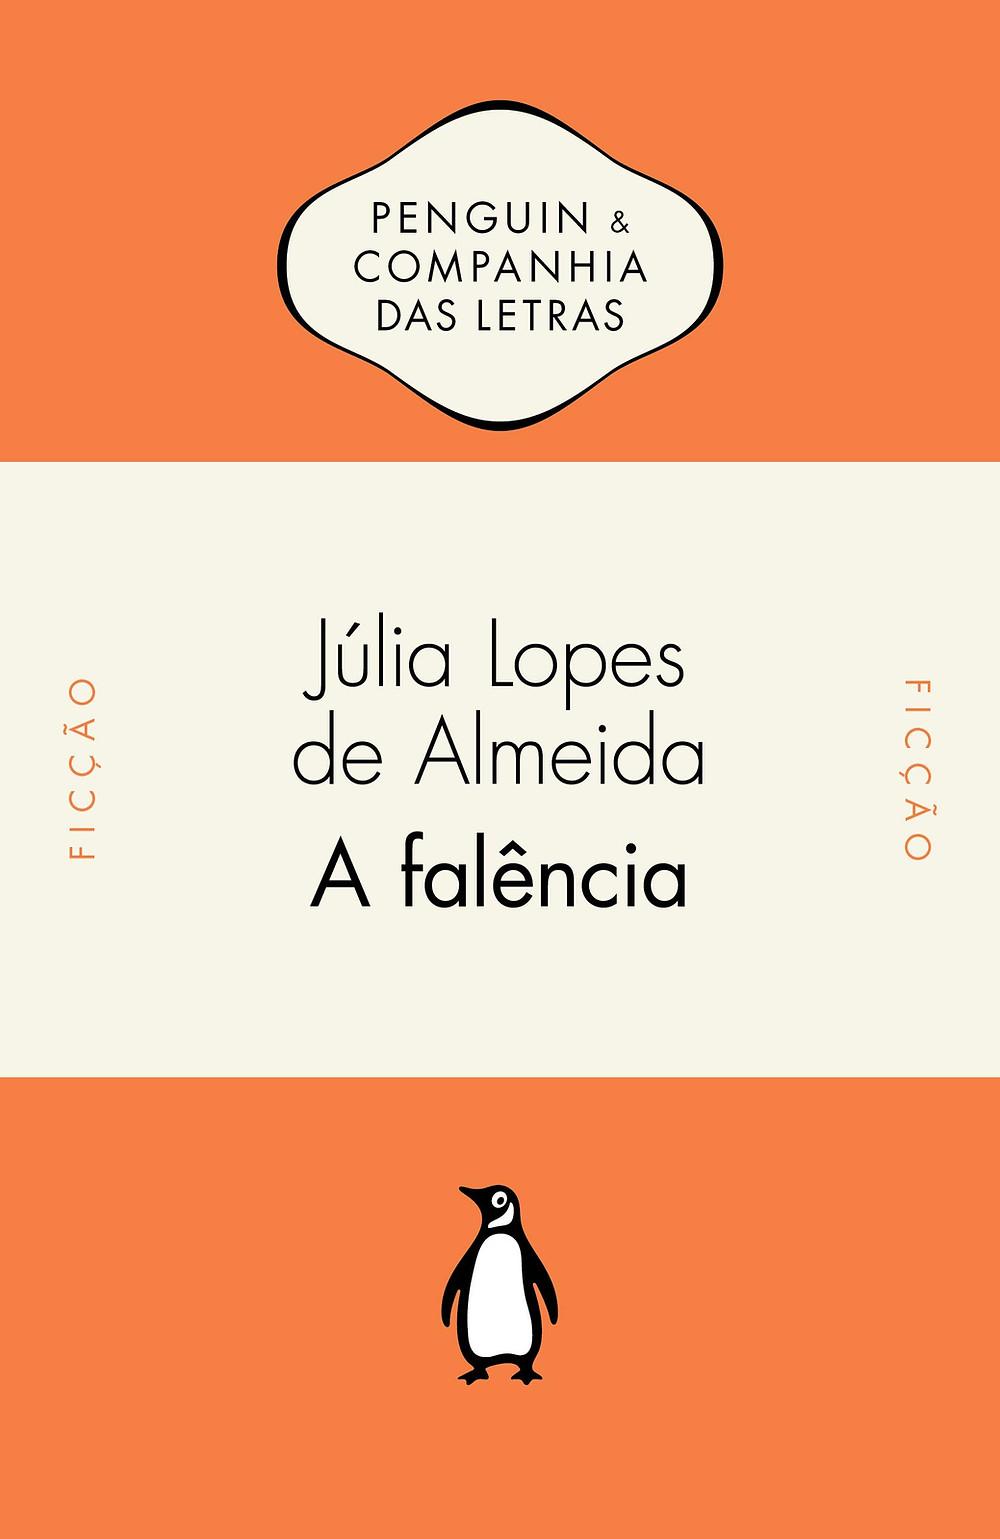 A Falência é o romance realista de Júlia Lopes de Almeida